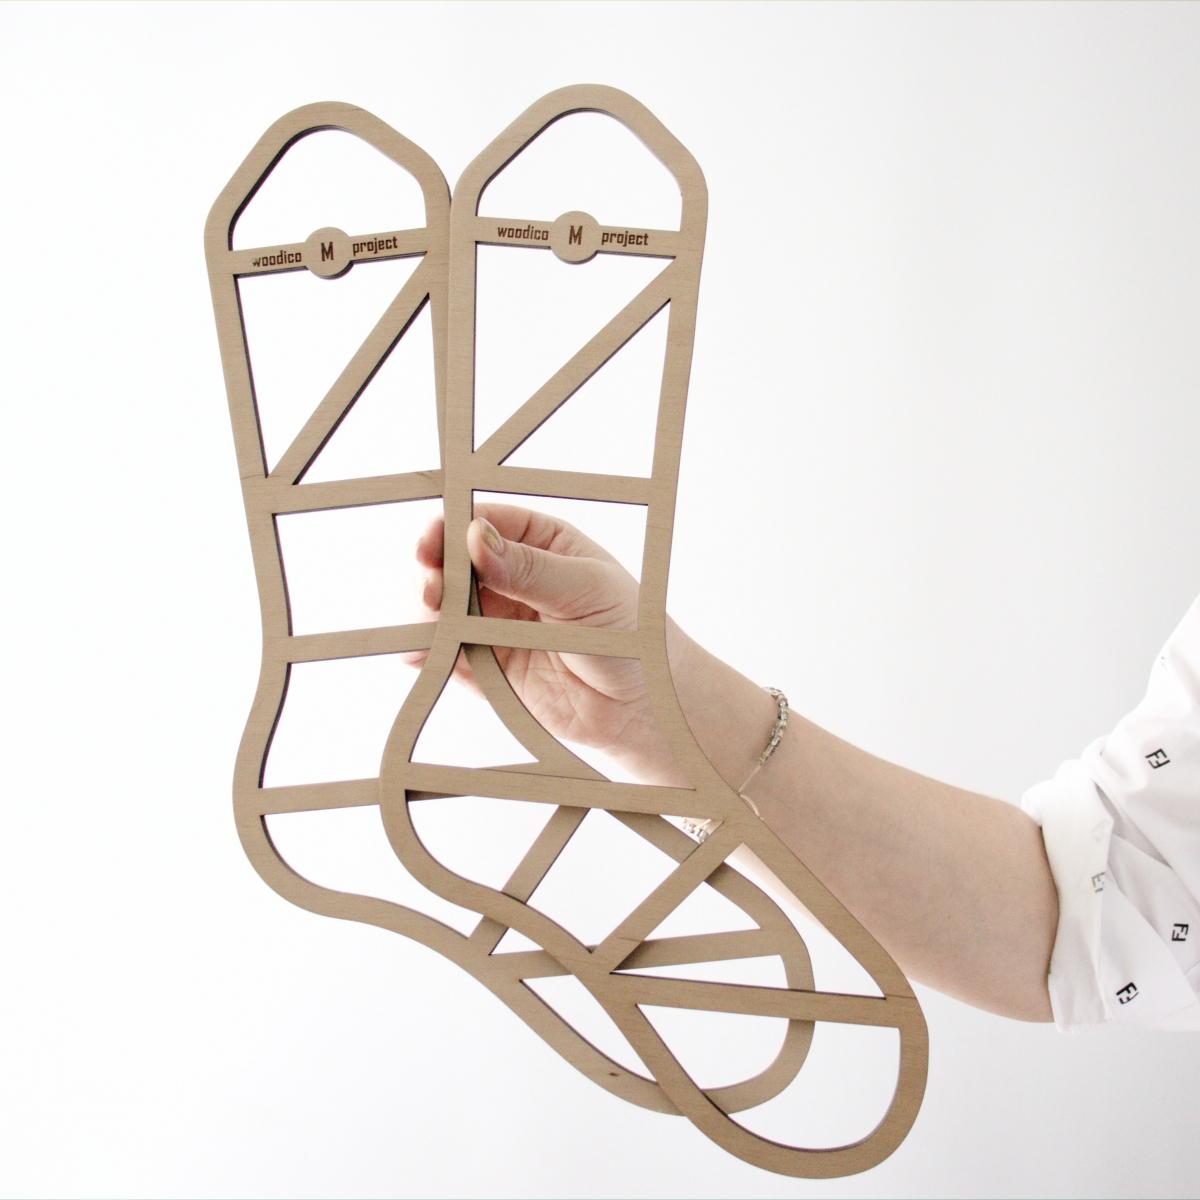 woodico.pro wooden sock blockers zen 1 1200x1200 - Wooden sock blockers / Zen